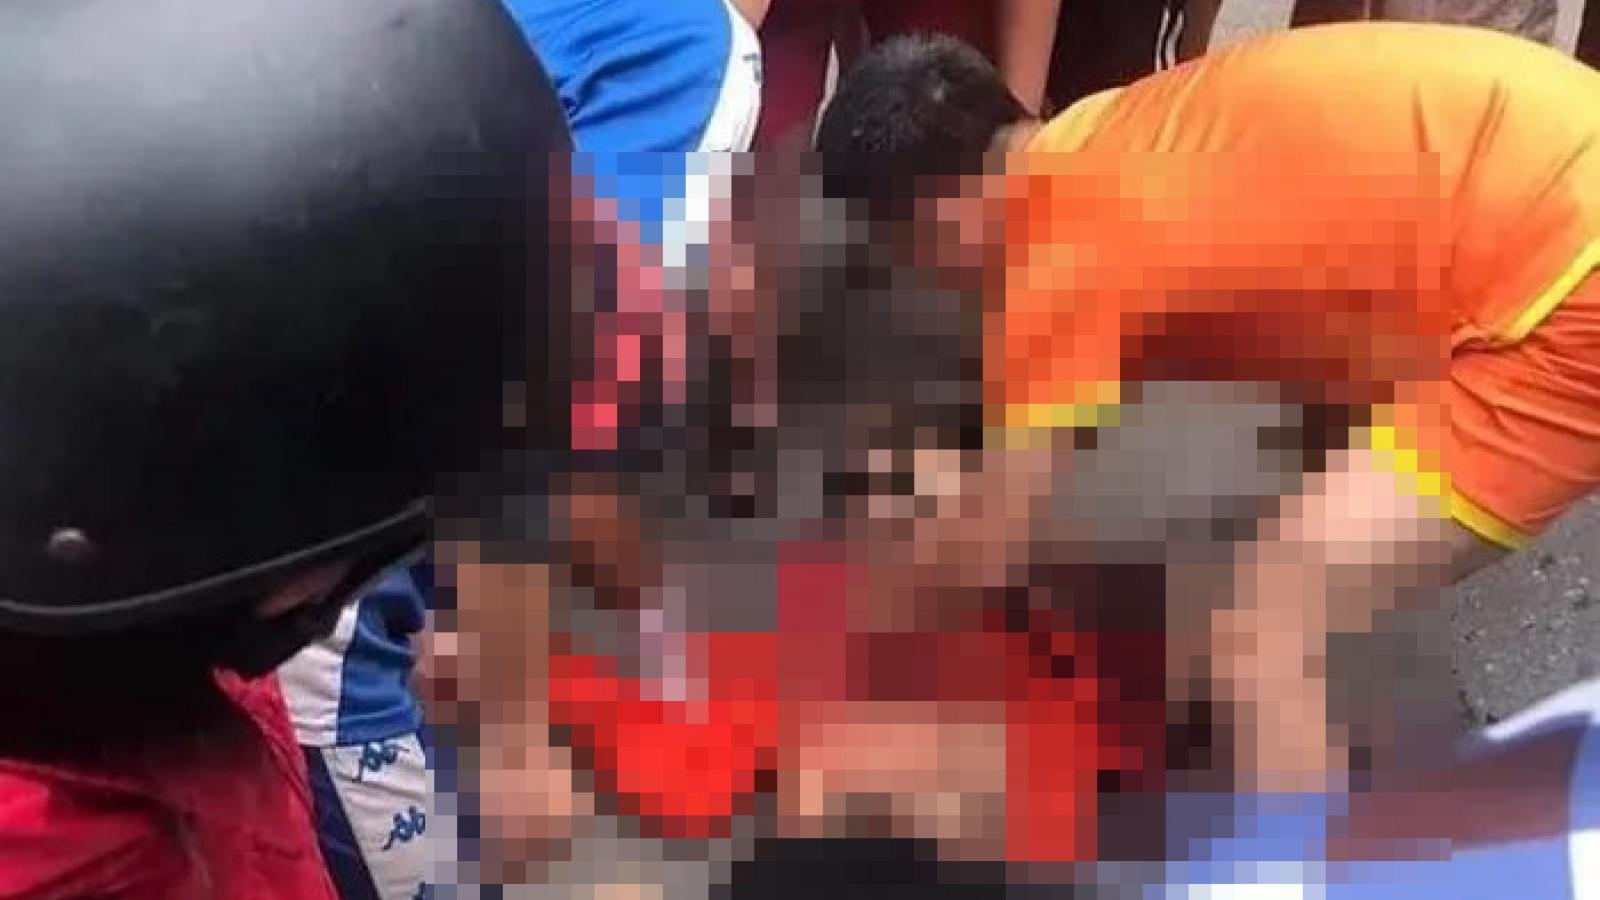 Nóng 24h: Học sinh bị đâm tử vong vì mâu thuẫn trên sân bóng